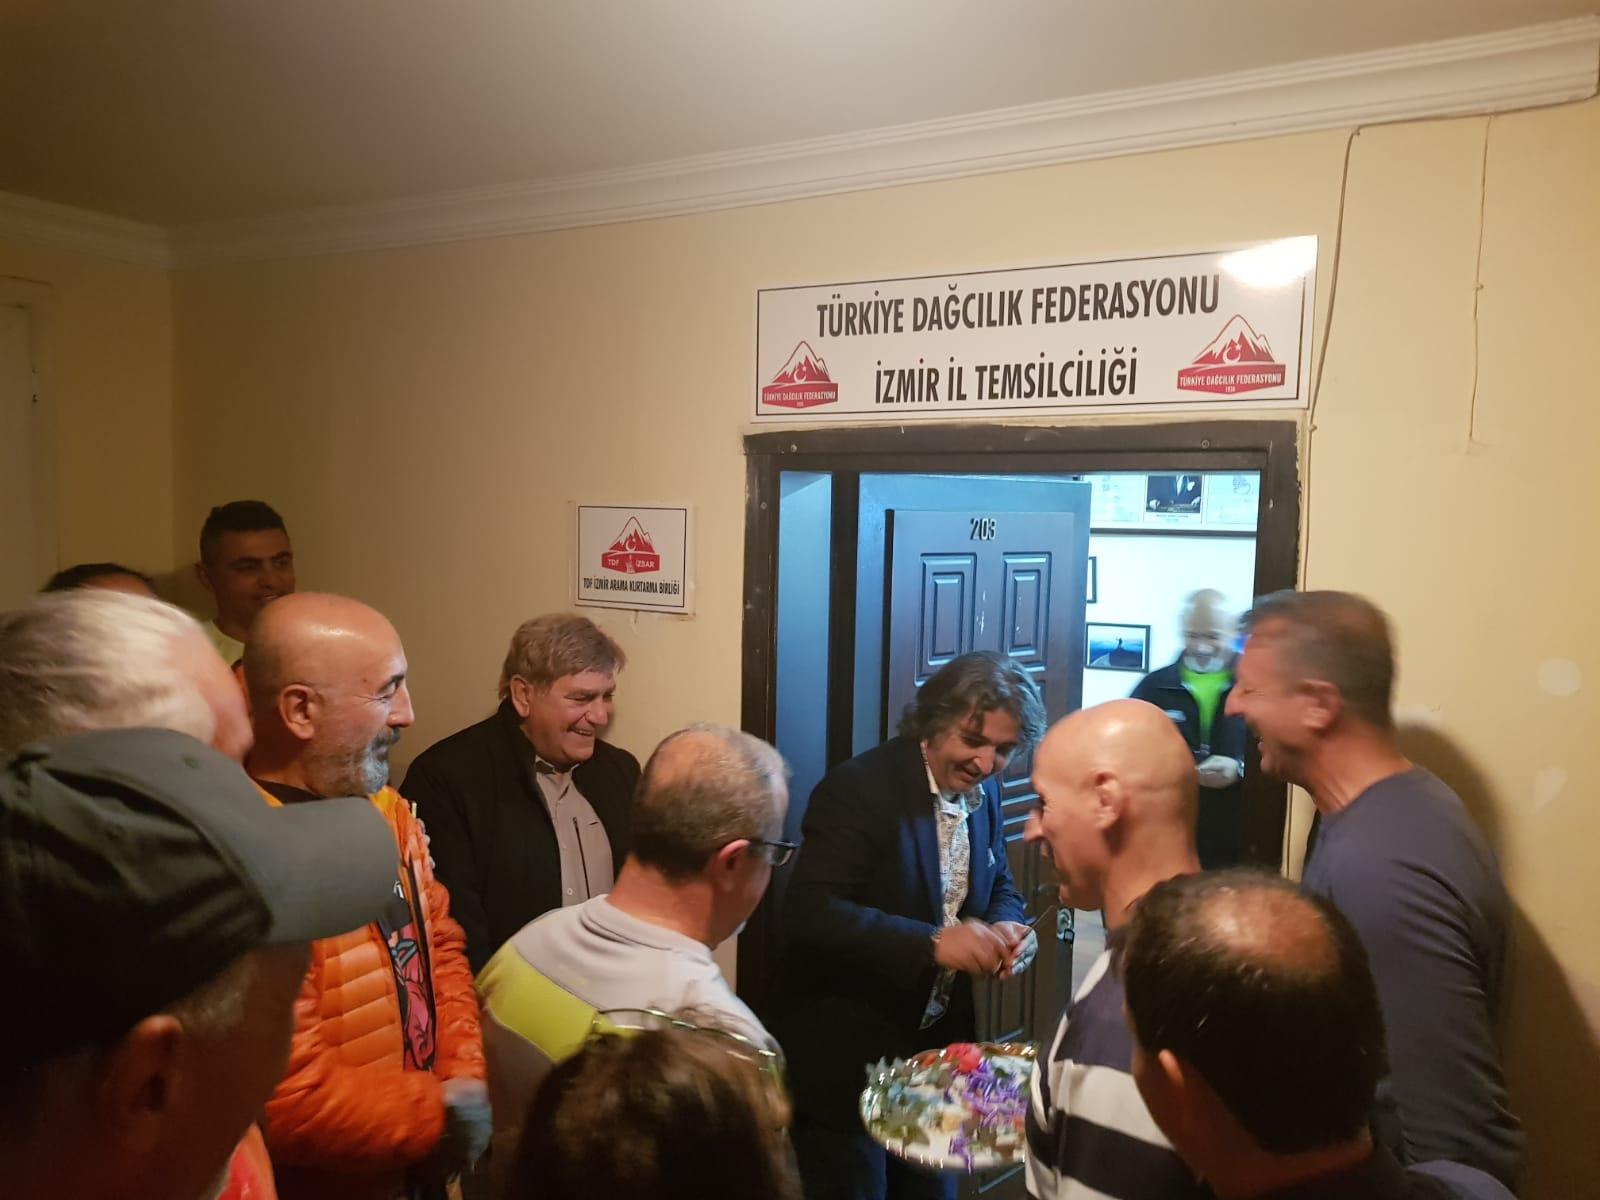 TDF İzmir İl Temsilciliği Çalışma Ofisi açılışı gerçekleştirildi.